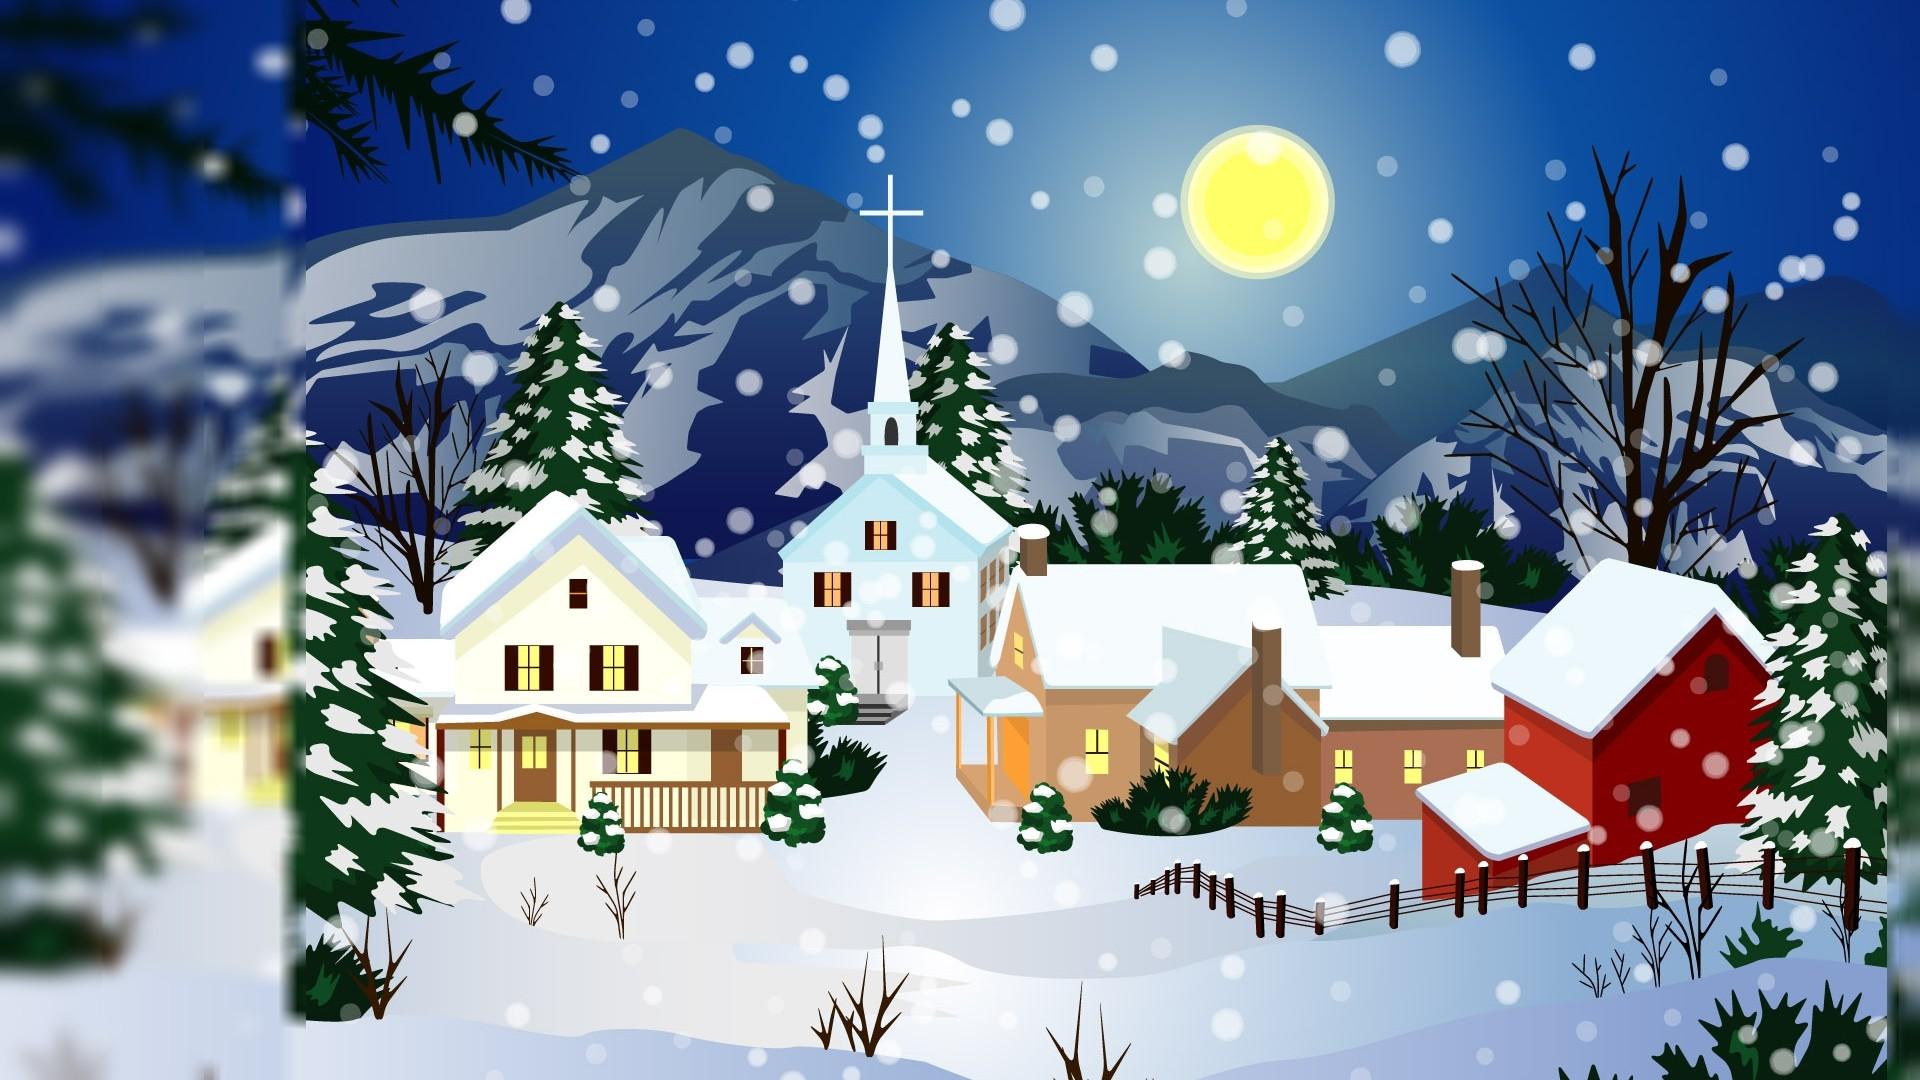 1920×1080-christmas-animated-desktop-wallpaper-2026500076.jpg